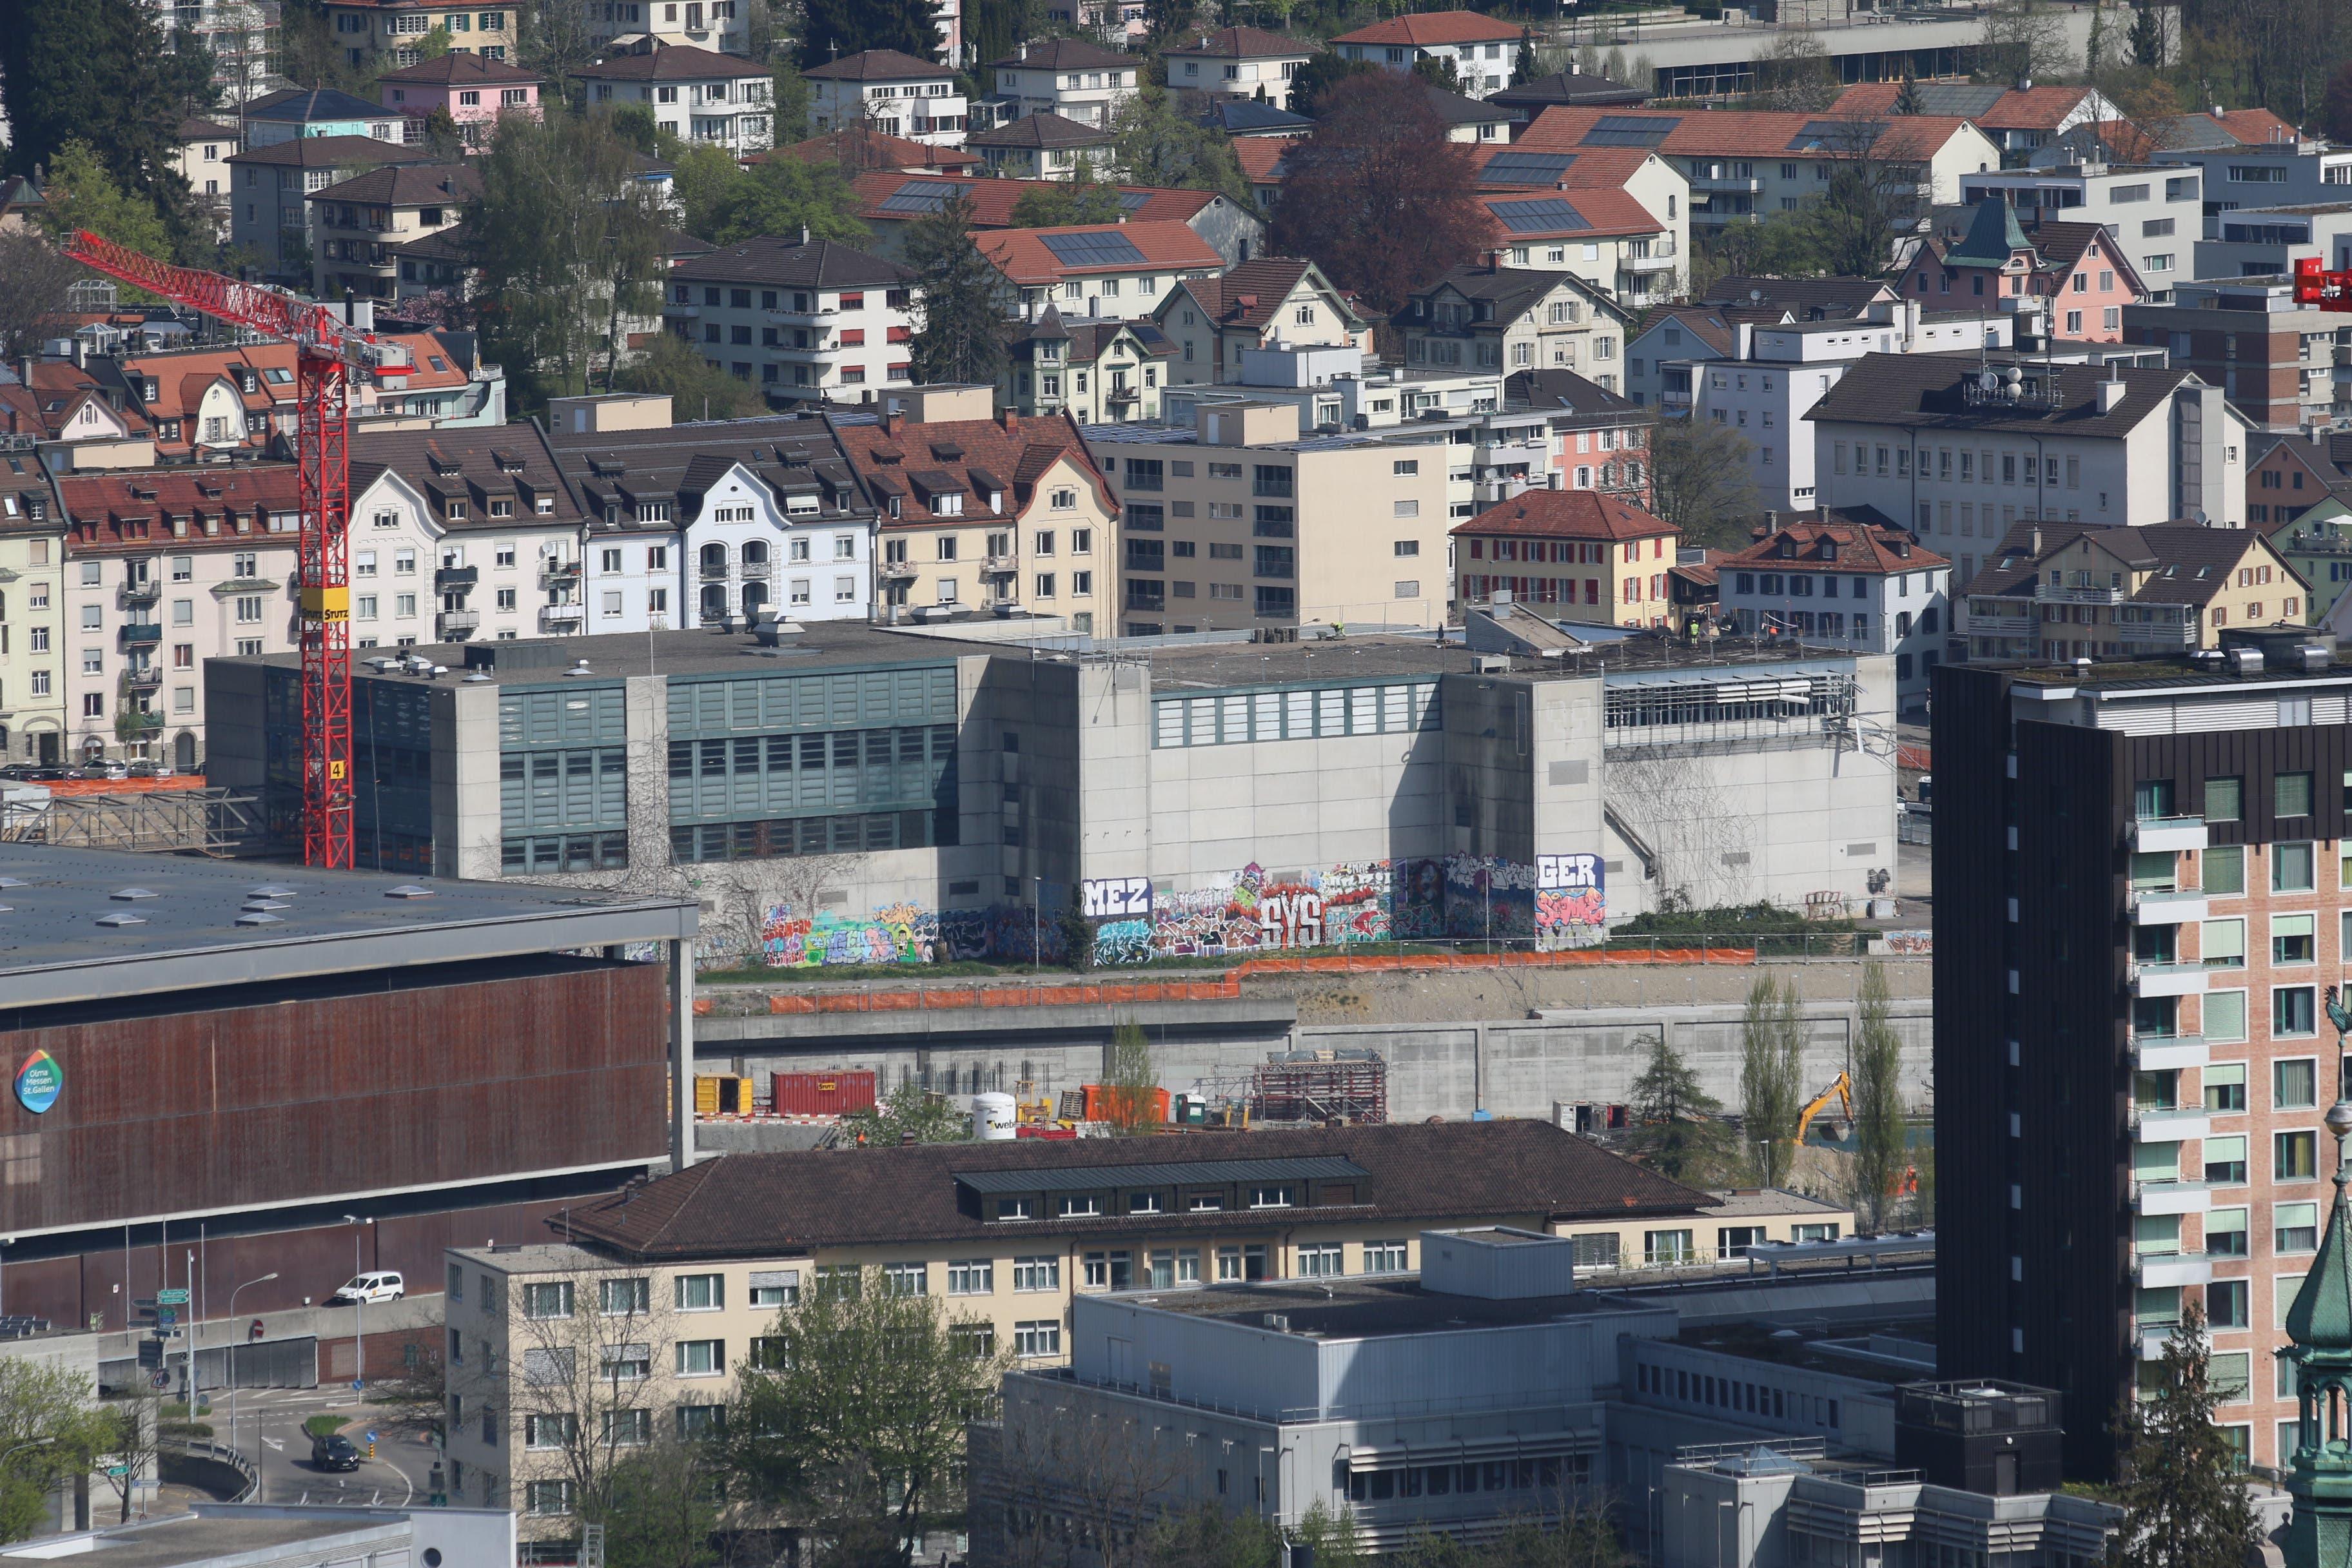 Die alte Olma-Halle 1 Mitte April. Die Abbrucharbeiten im Inneren haben bereits begonnen.